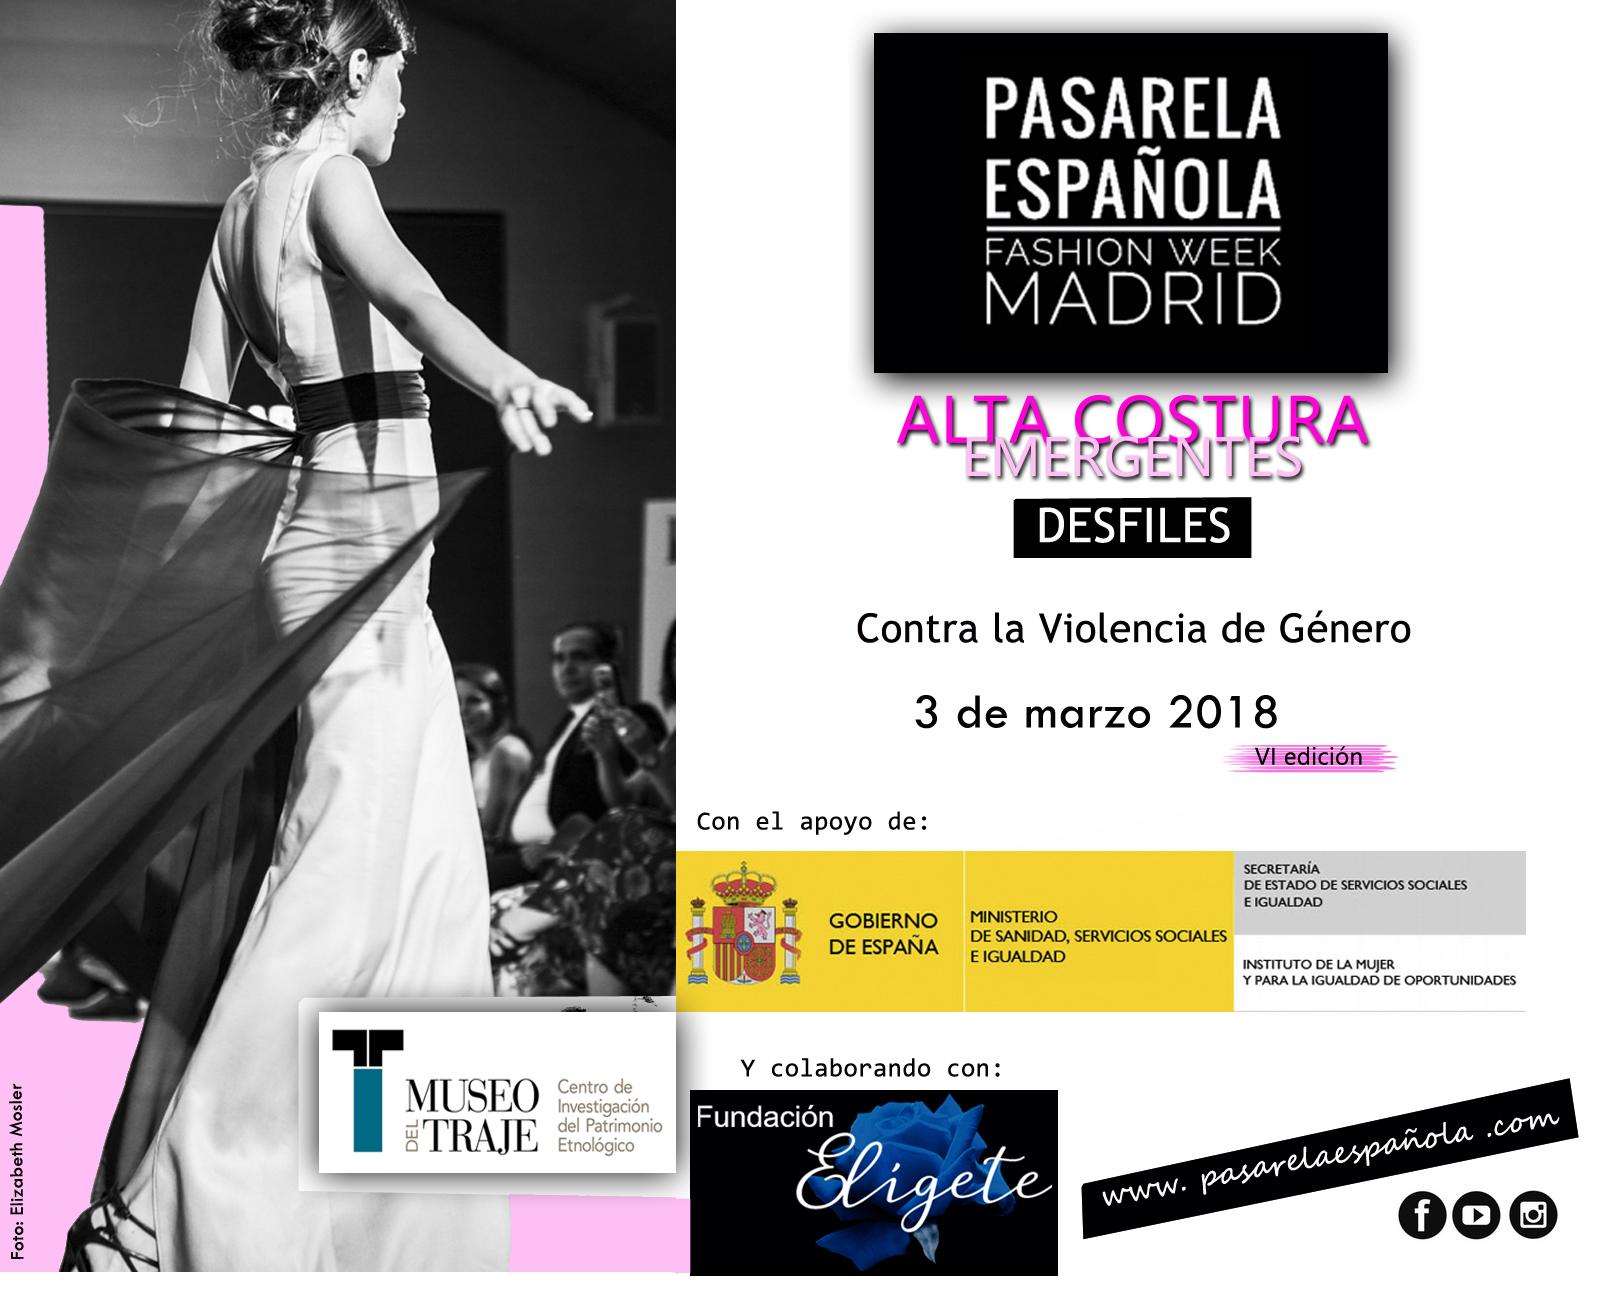 El 3 de marzo 2018 es la fecha elegida para celebrar la VI Edición de Pasarela Española